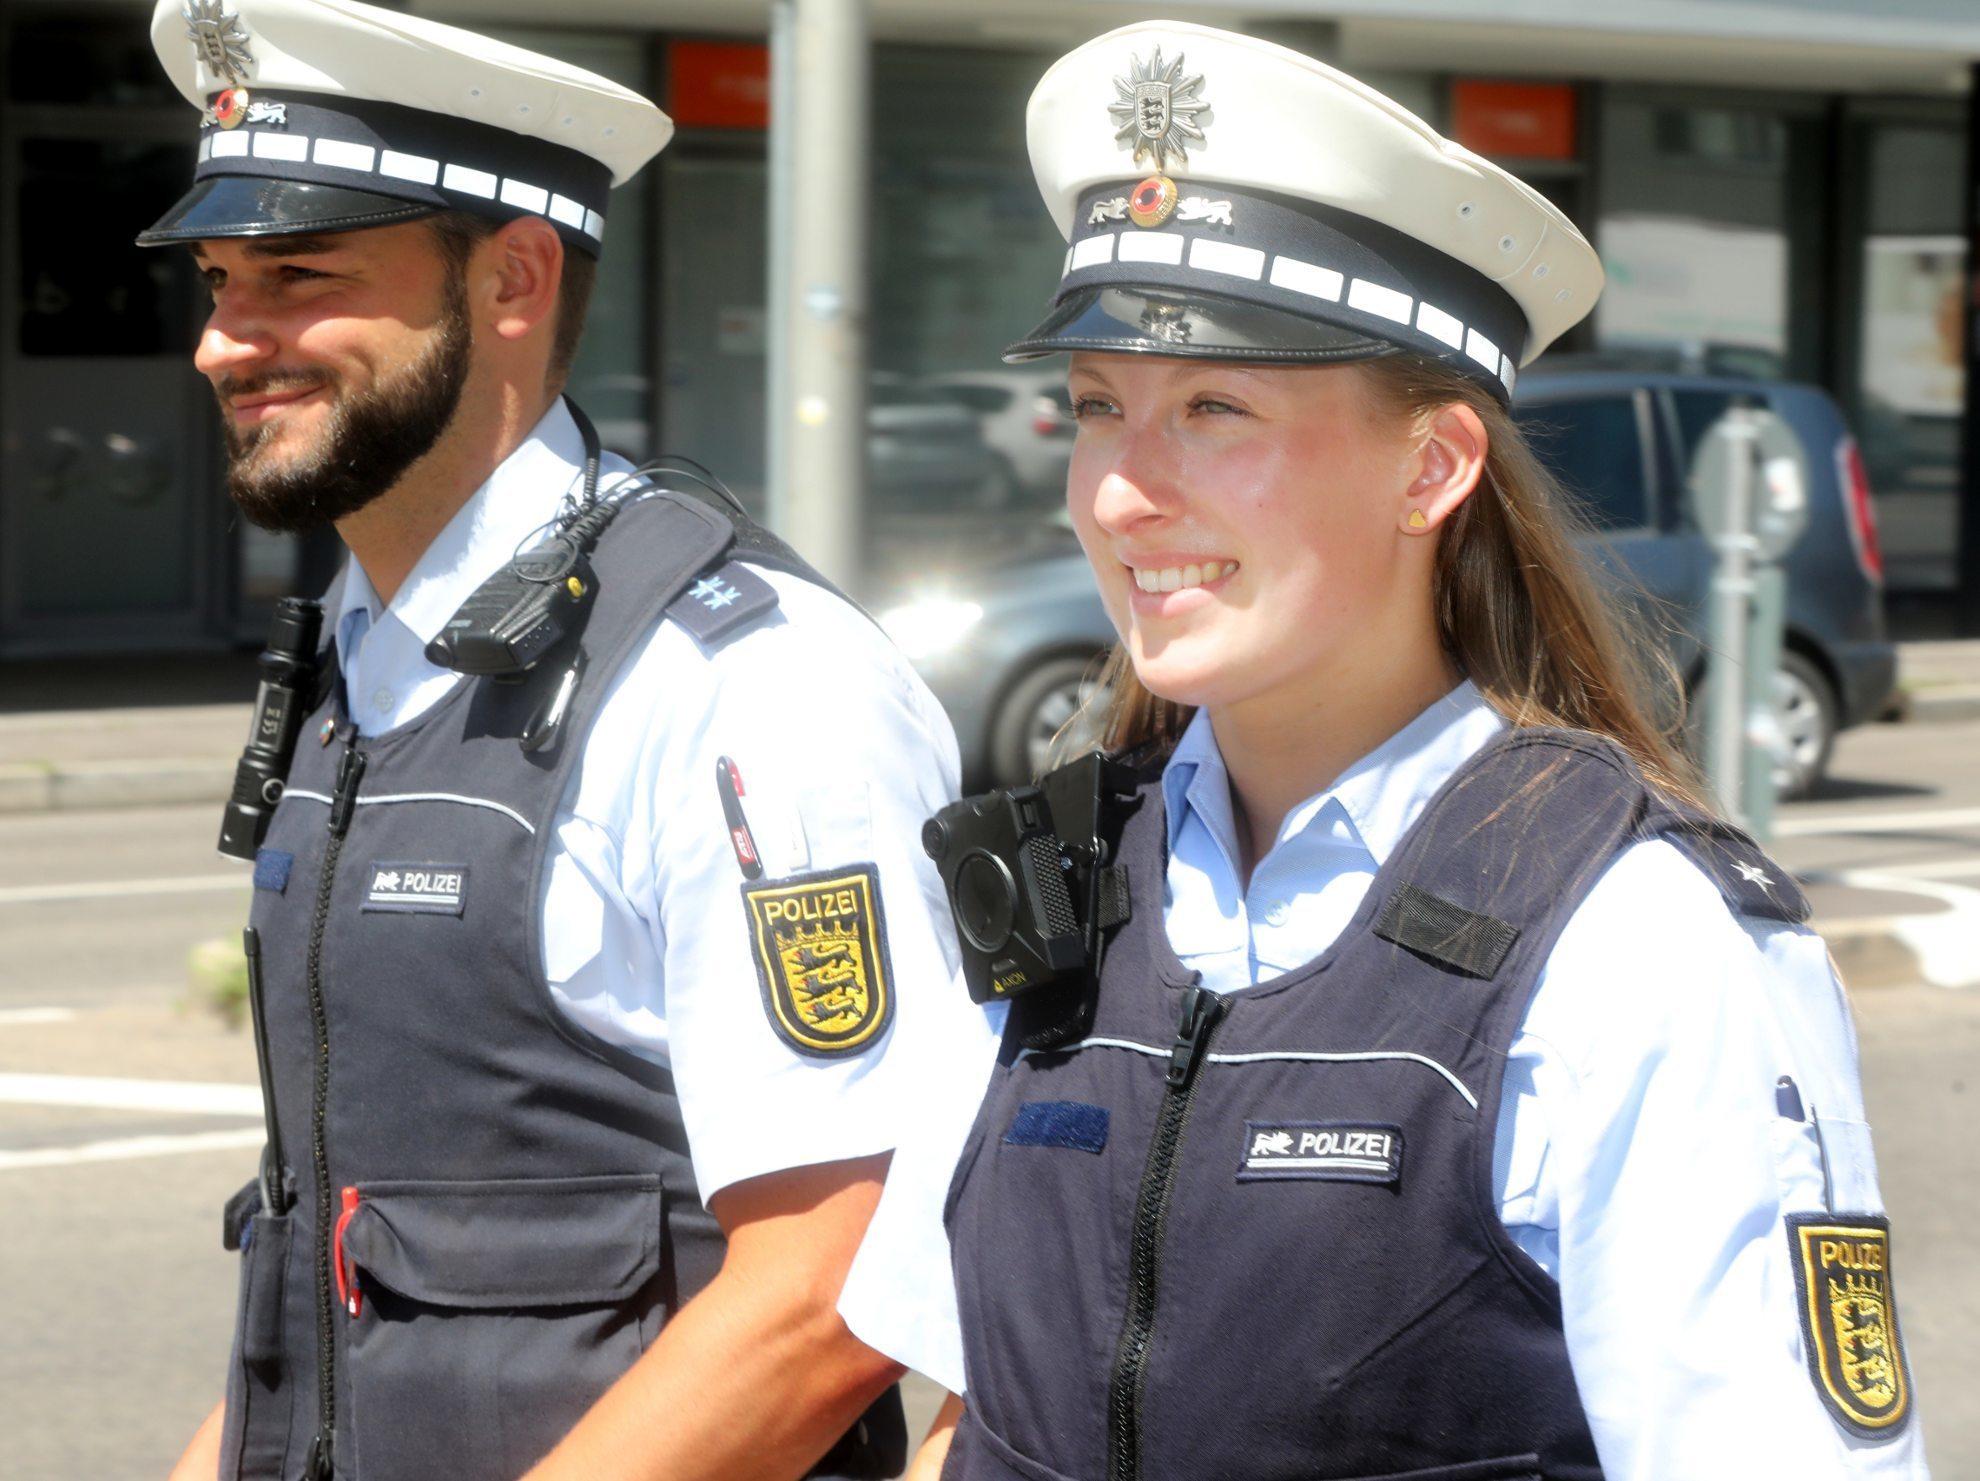 Bodycams-Filmt-die-Polizei-bald-in-Privatr-umen-